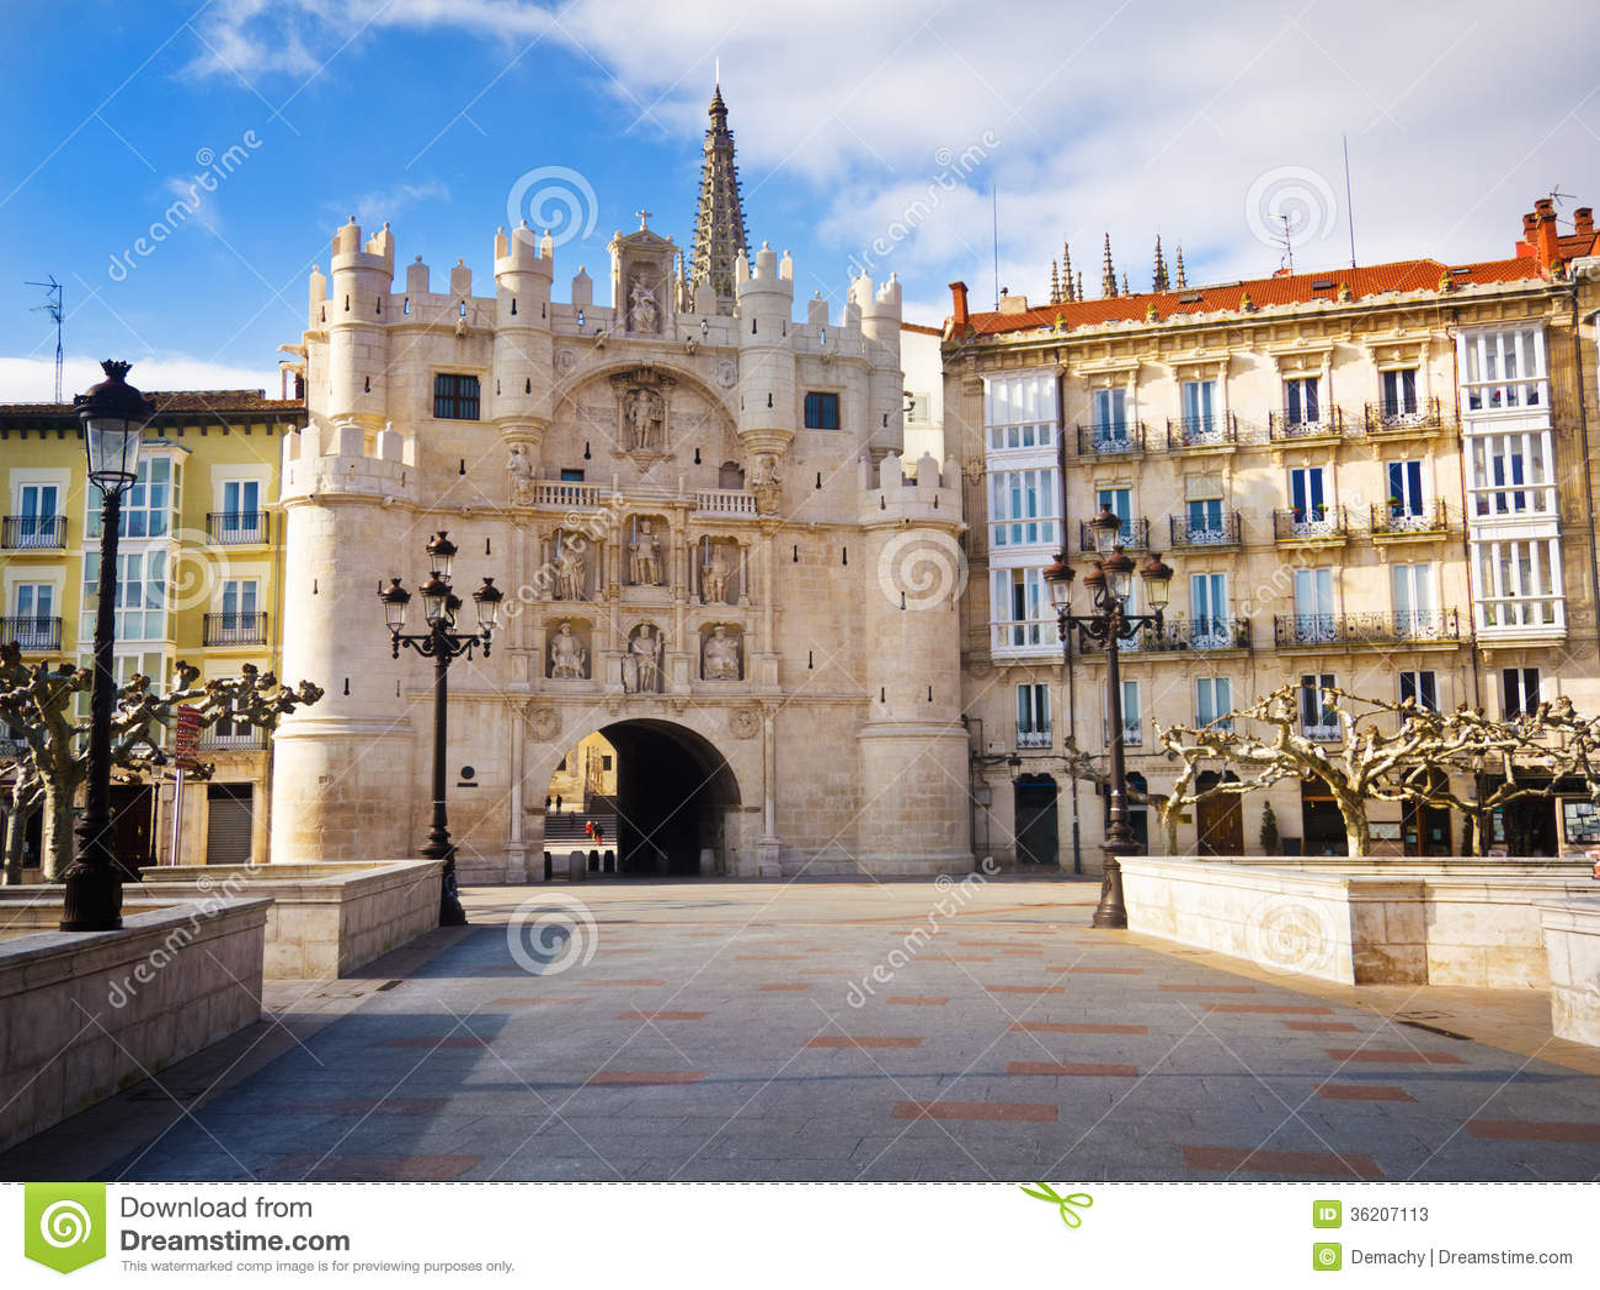 Arco De Santa Maria Stock Photos - Image: 36207113